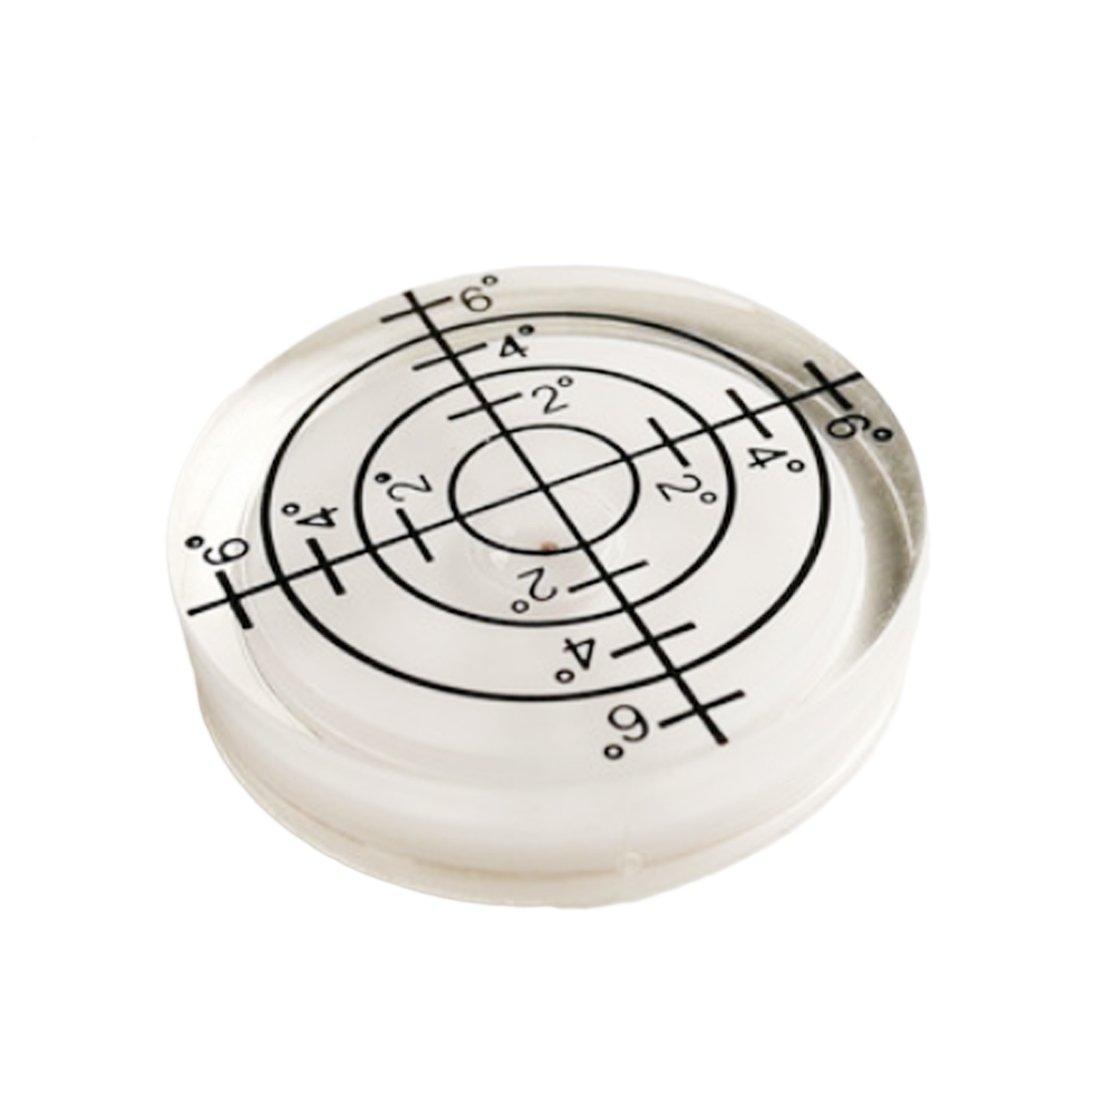 Nivel de burbuja redondo para instrumentos de medició n, 32 x 7 mm, color blanco, blanco Luwu-Store